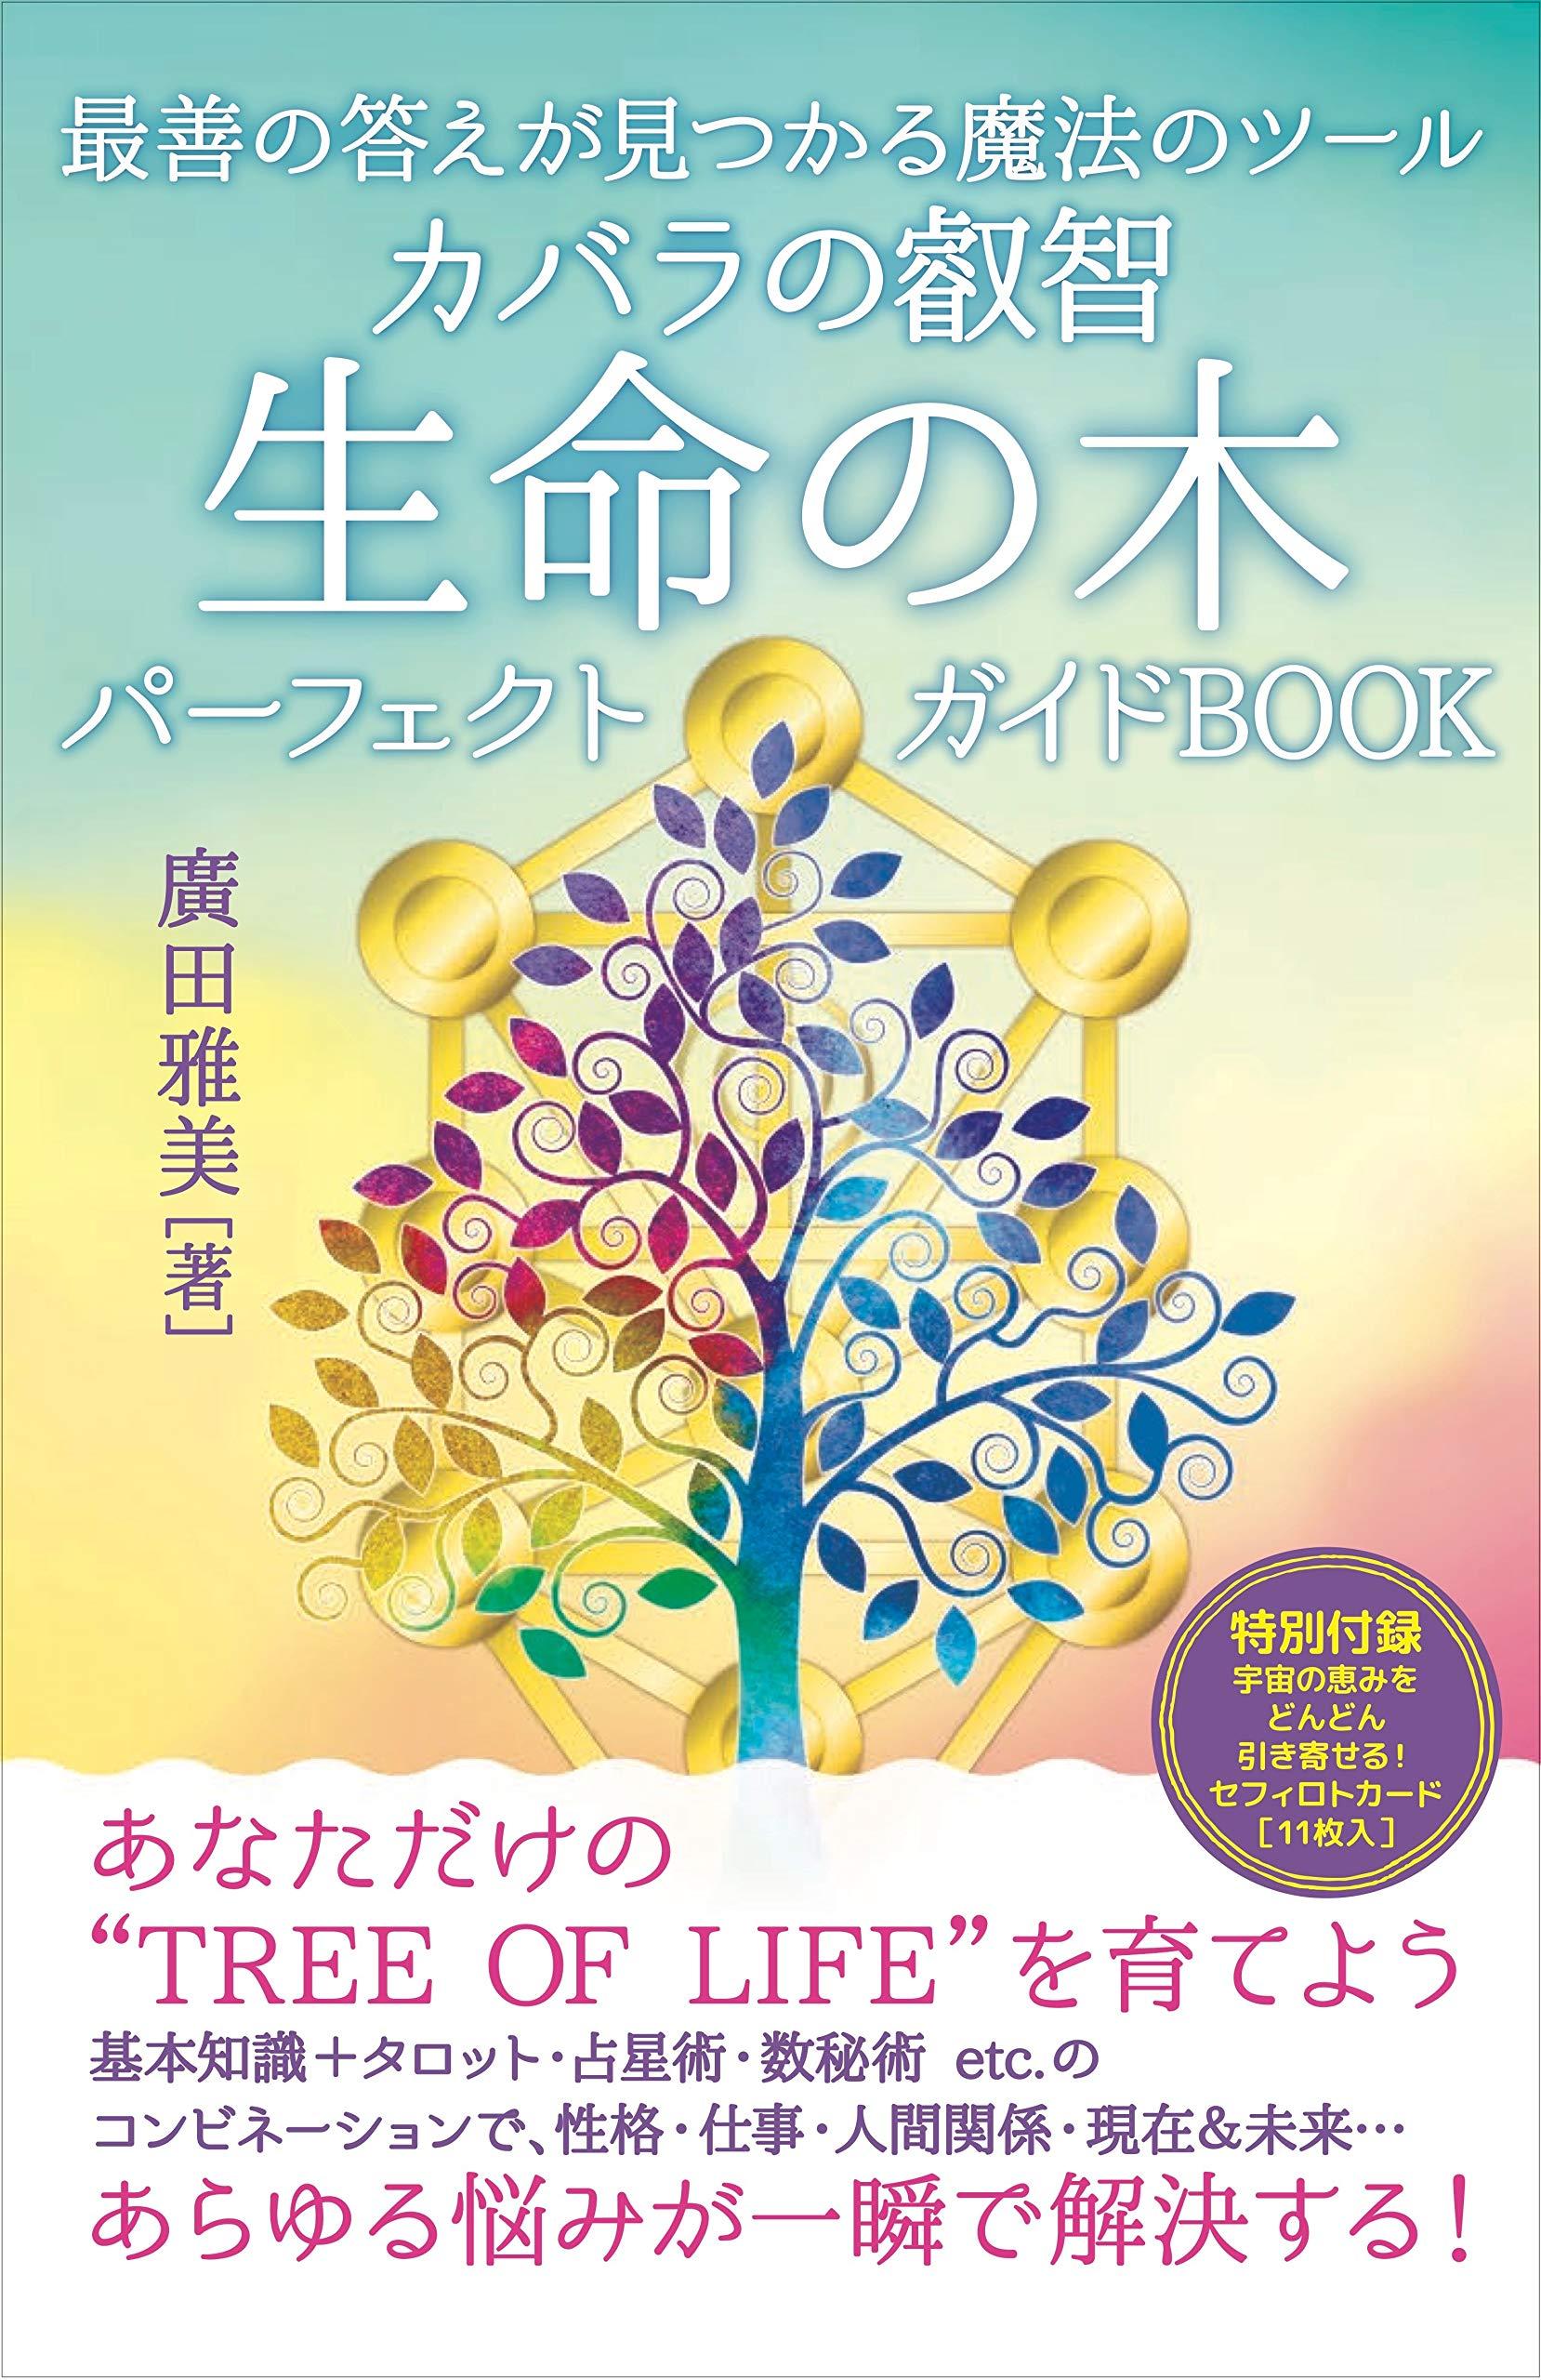 書籍をクリック!【Amazonにてご購入いただけます】